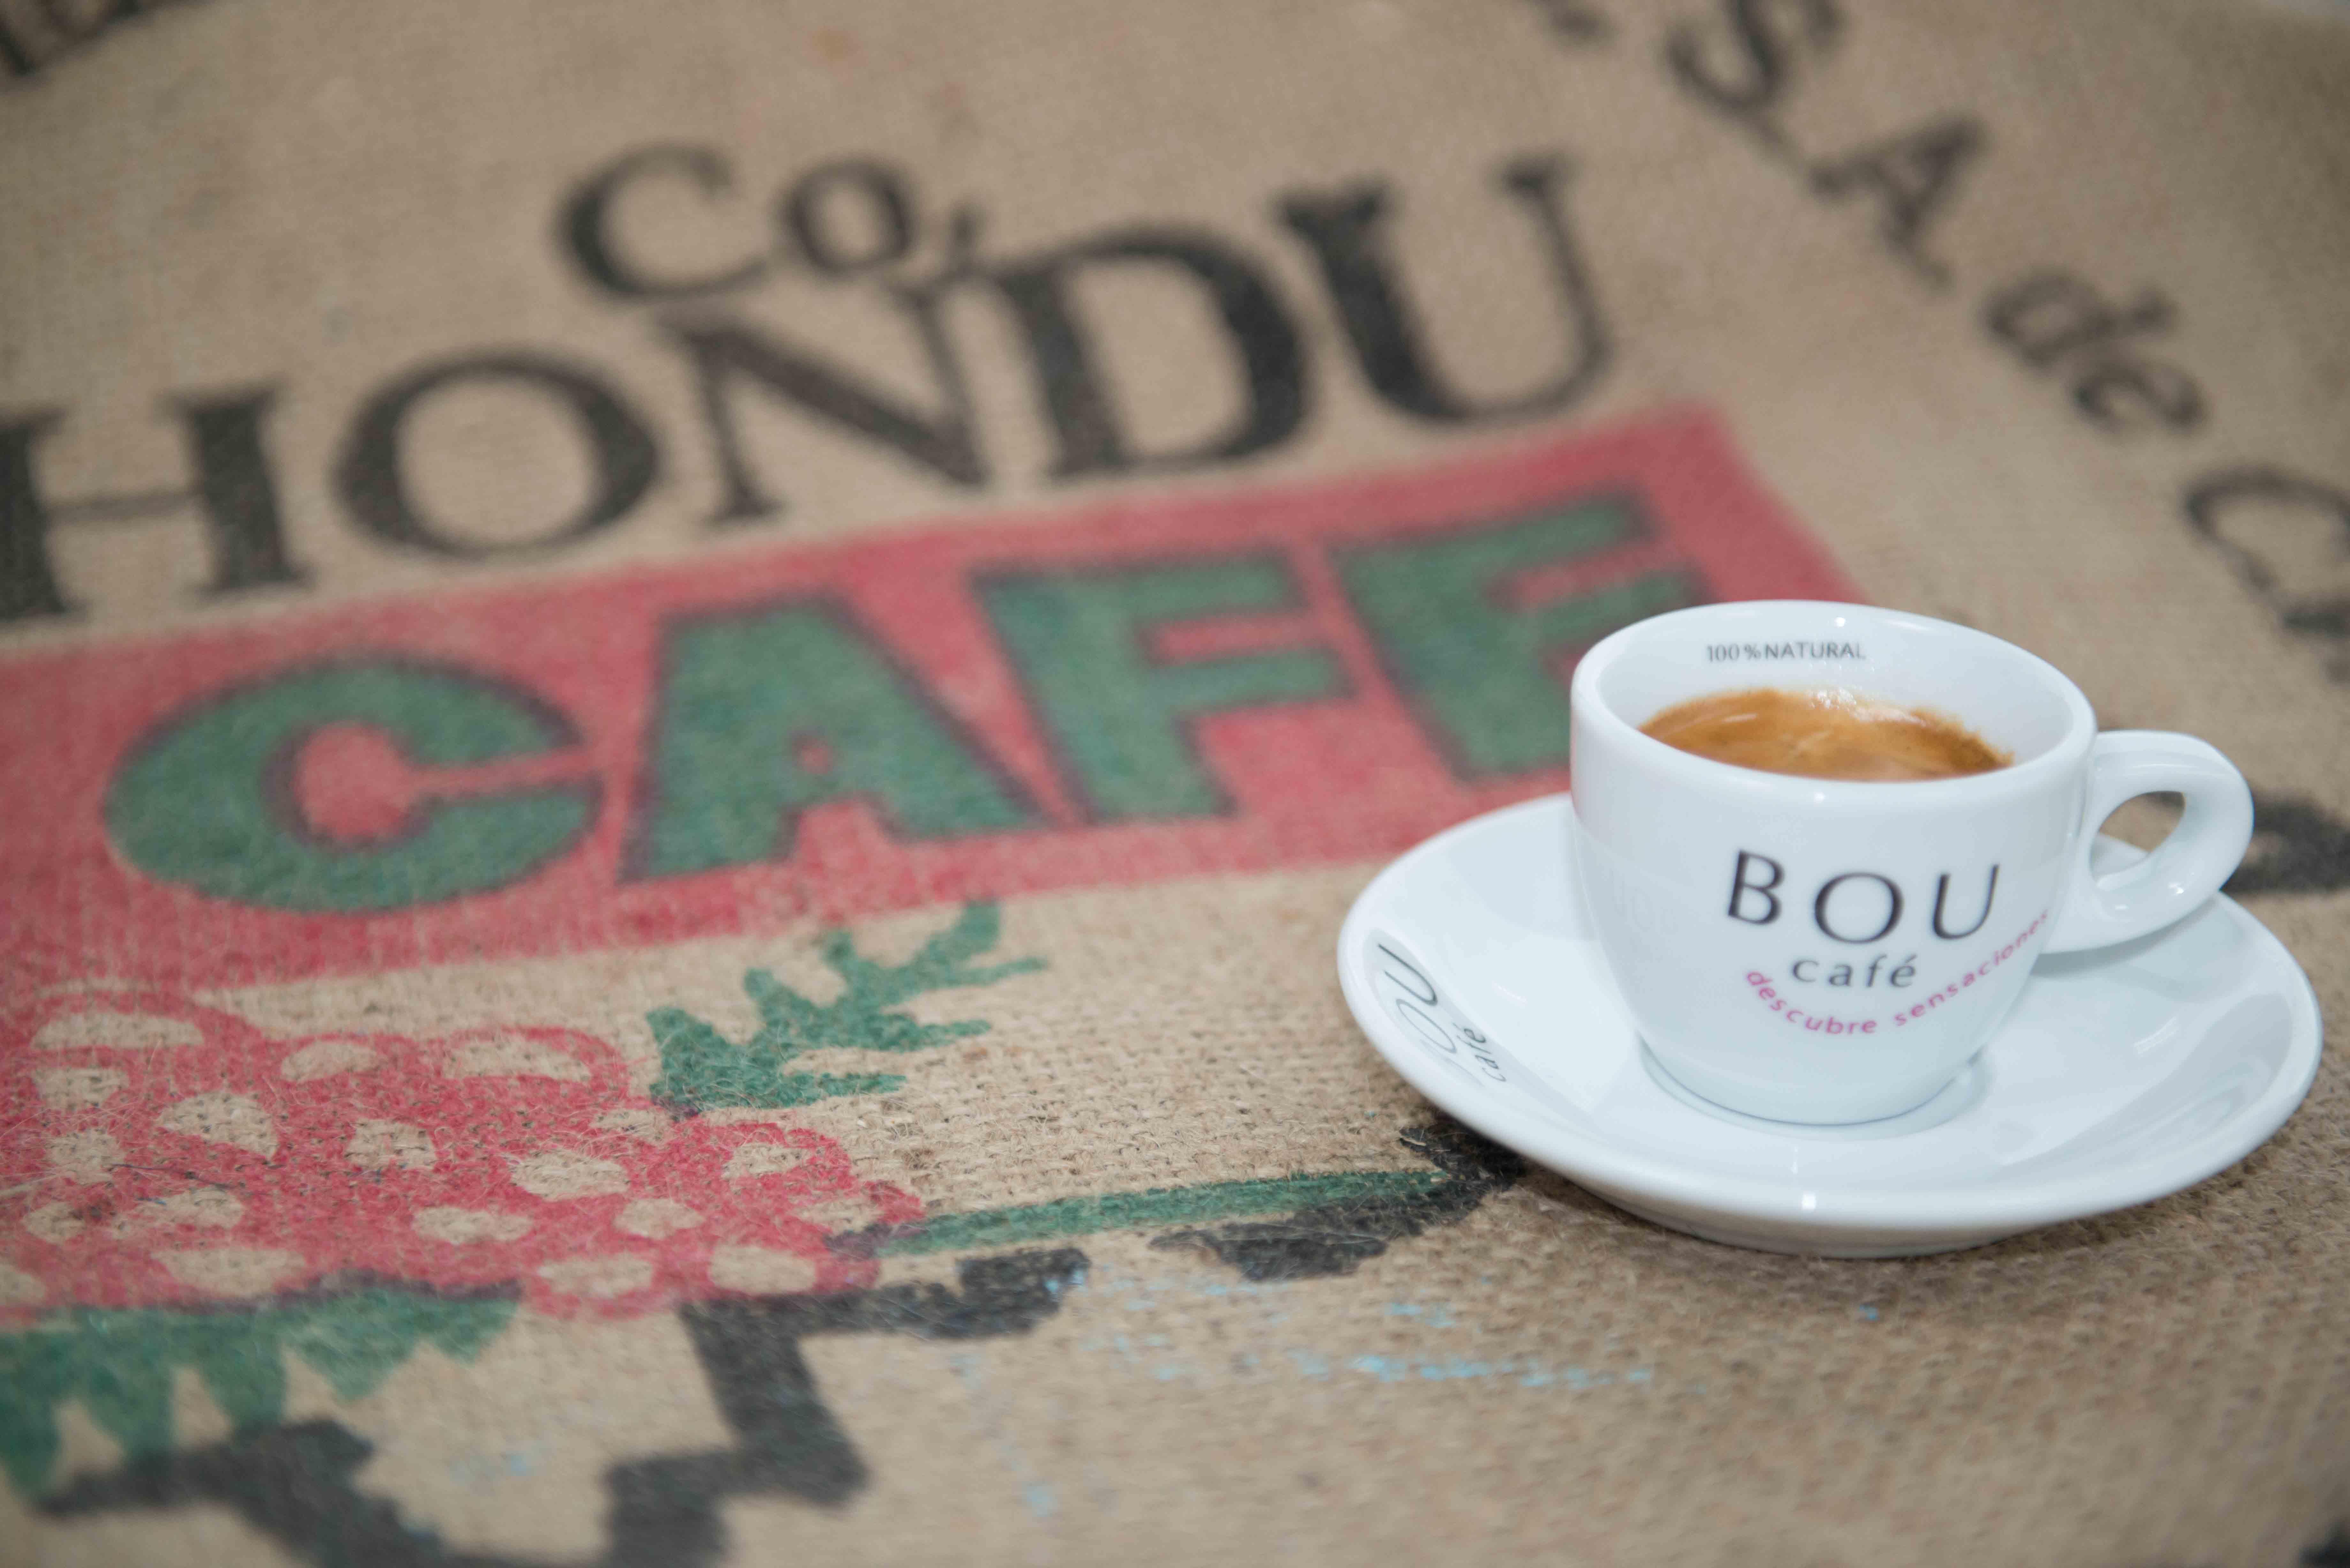 Un estudio de la OMS sugiere que tres cafés al día reducen la mortalidad prematura entre un 8% y un 18%